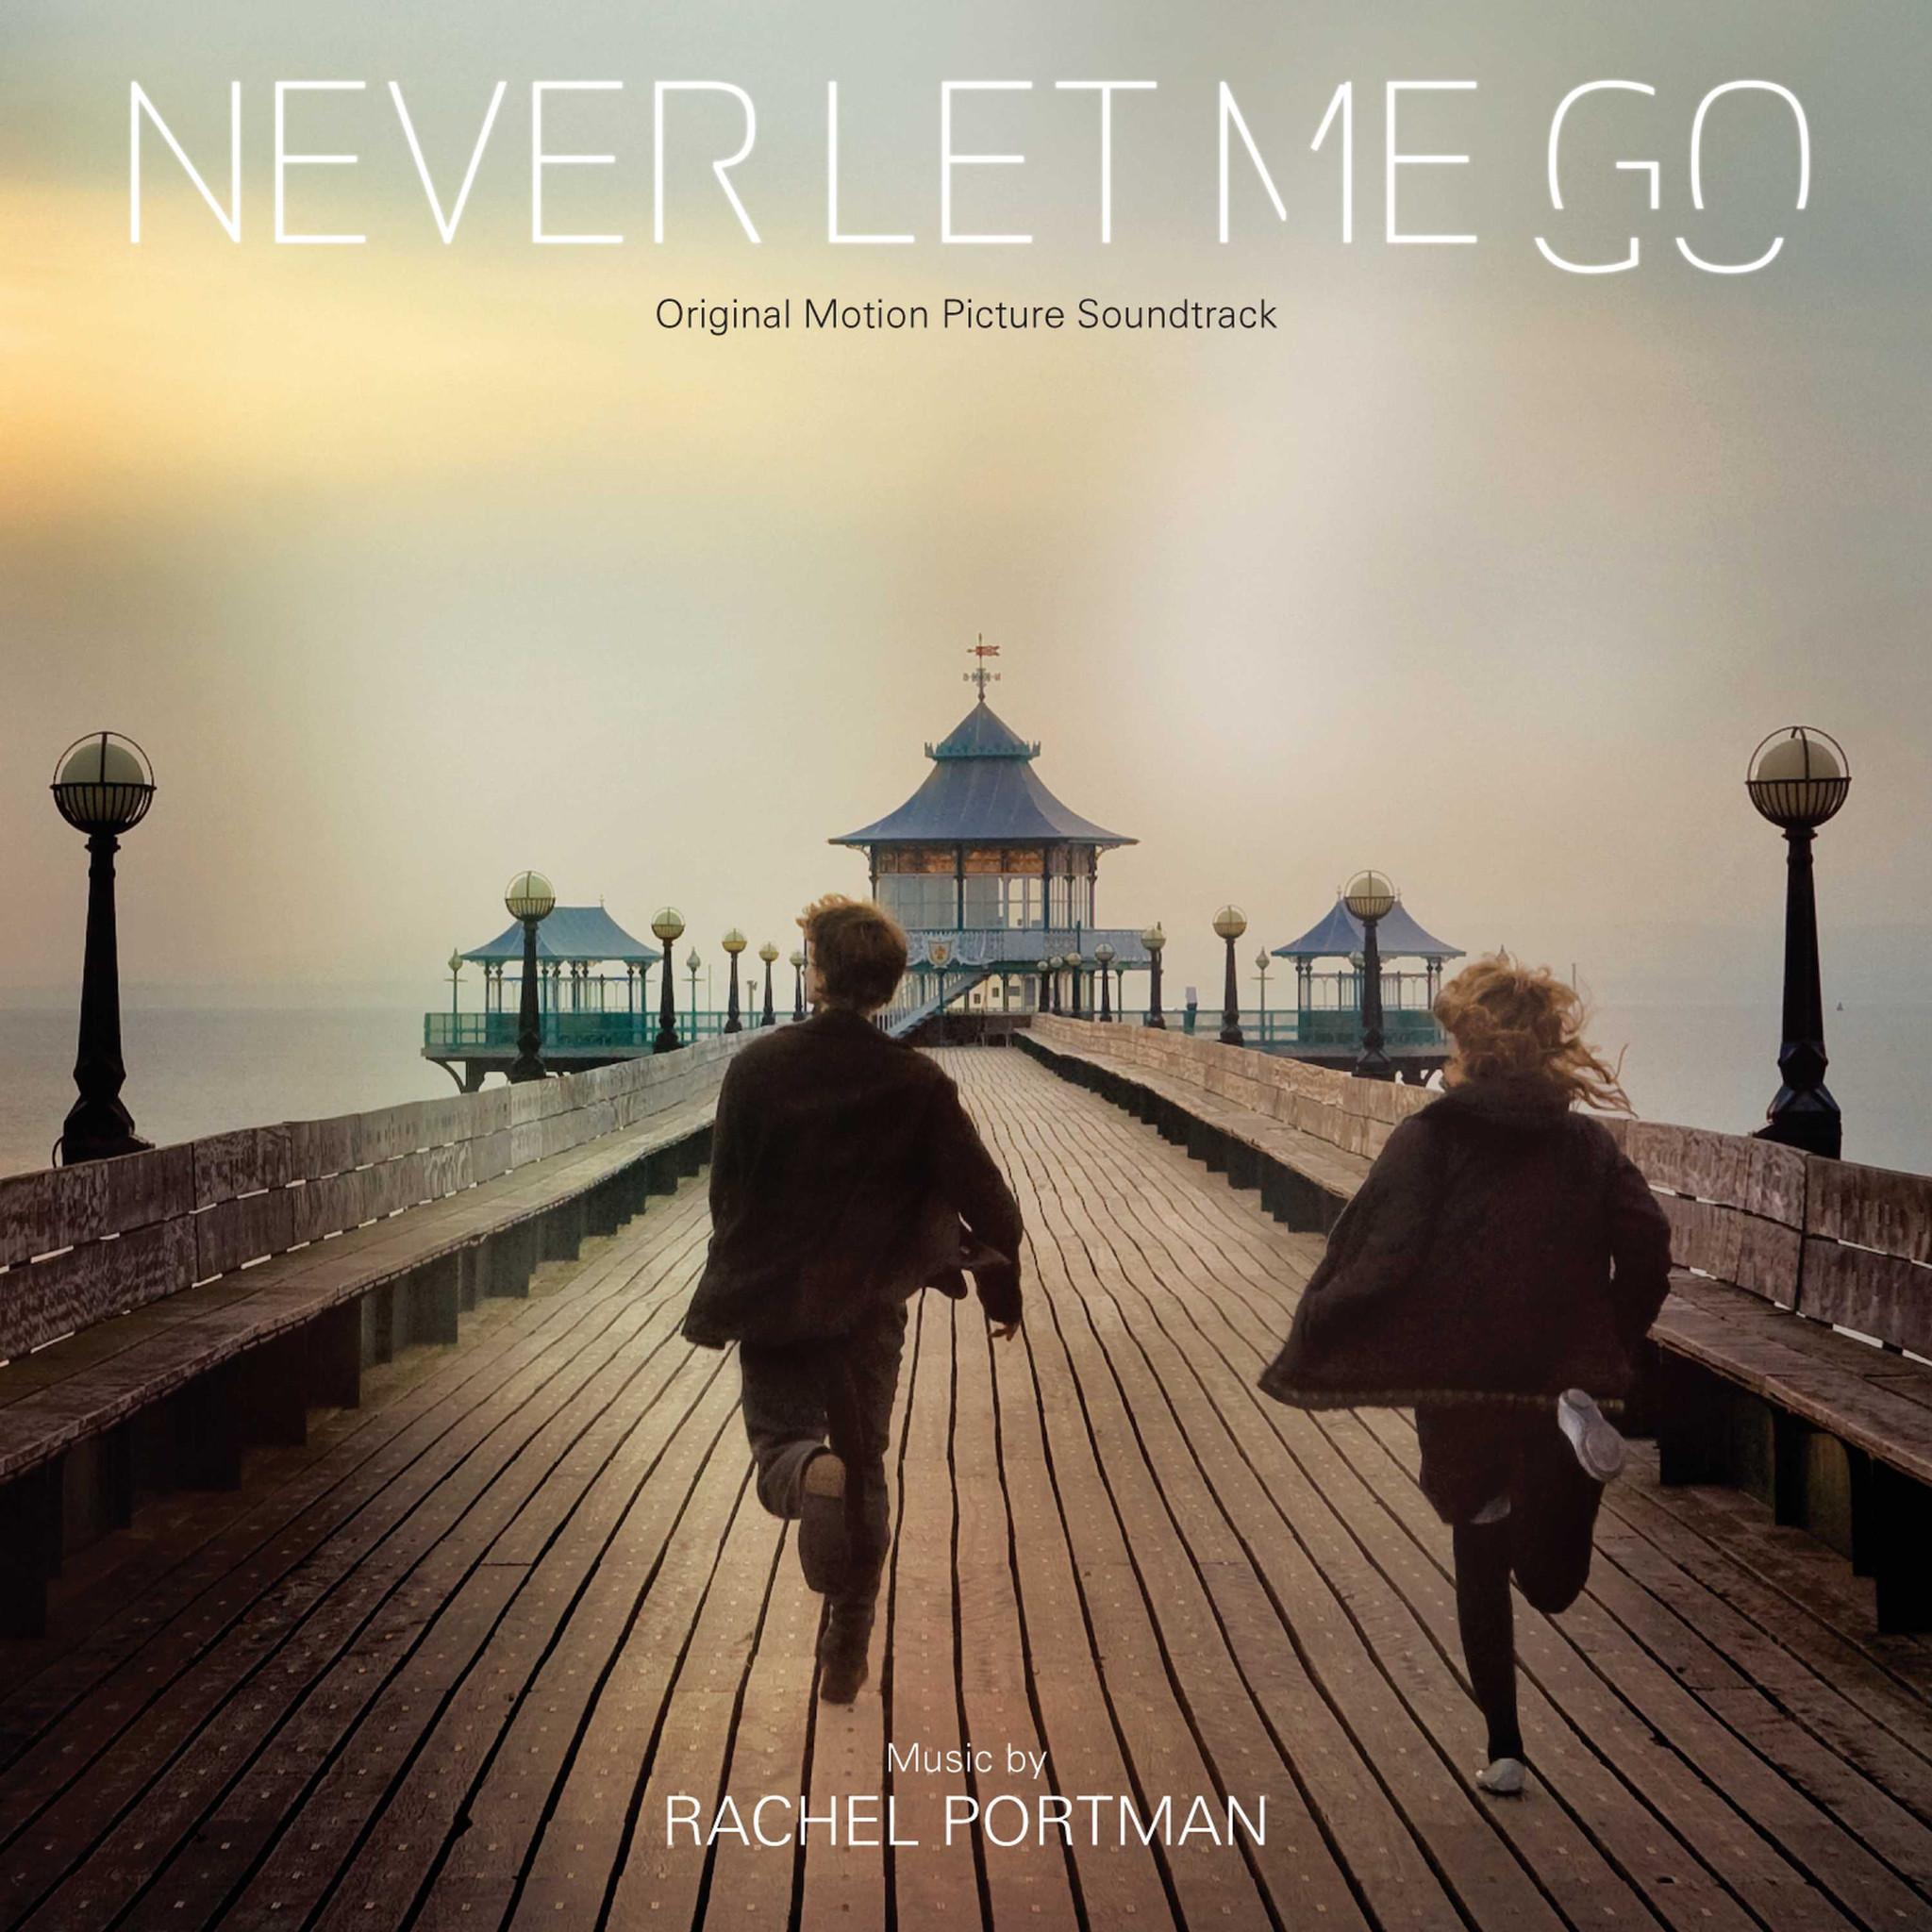 Never Let Me Go (Score) / O.s.t. - Rachel Portman - Musik - VARESE SARABANDE - 0030206704327 - September 14, 2010